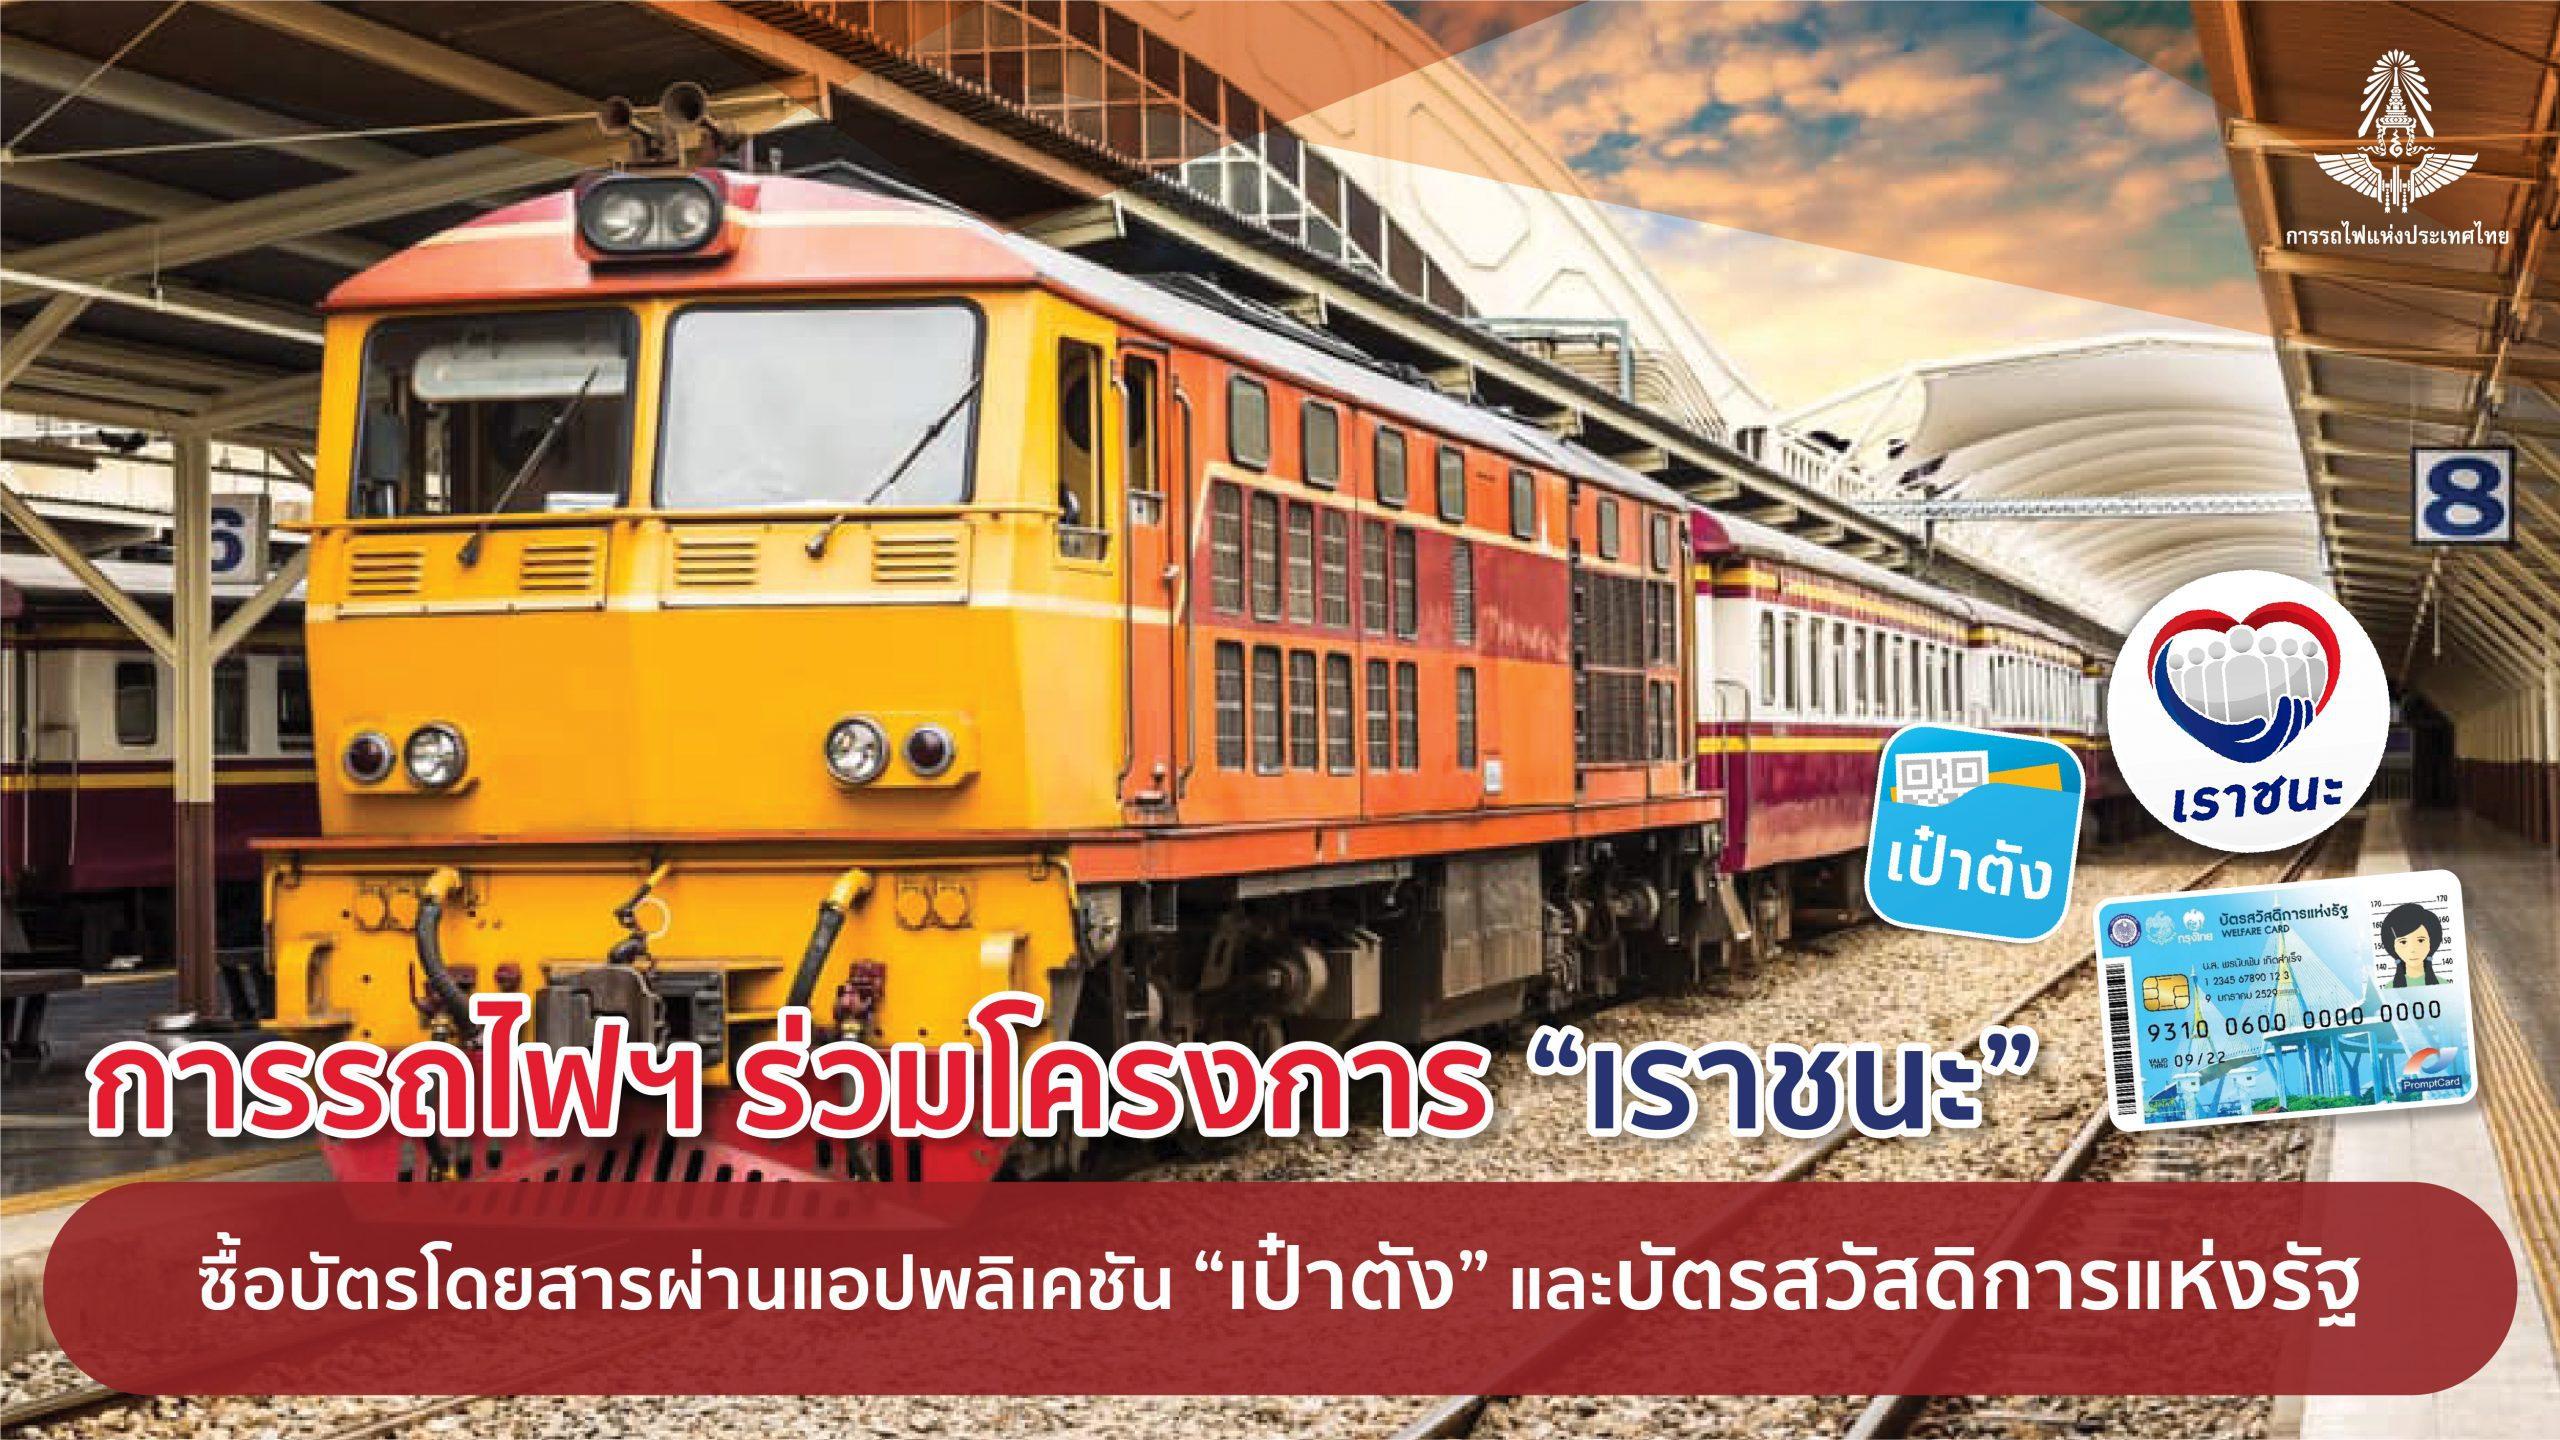 """การรถไฟแห่งประเทศไทย พร้อมให้บริการแก่ผู้ได้รับสิทธิโครงการ """"เราชนะ"""" โดยใช้แอปพลิเคชัน """"เป๋าตัง"""""""